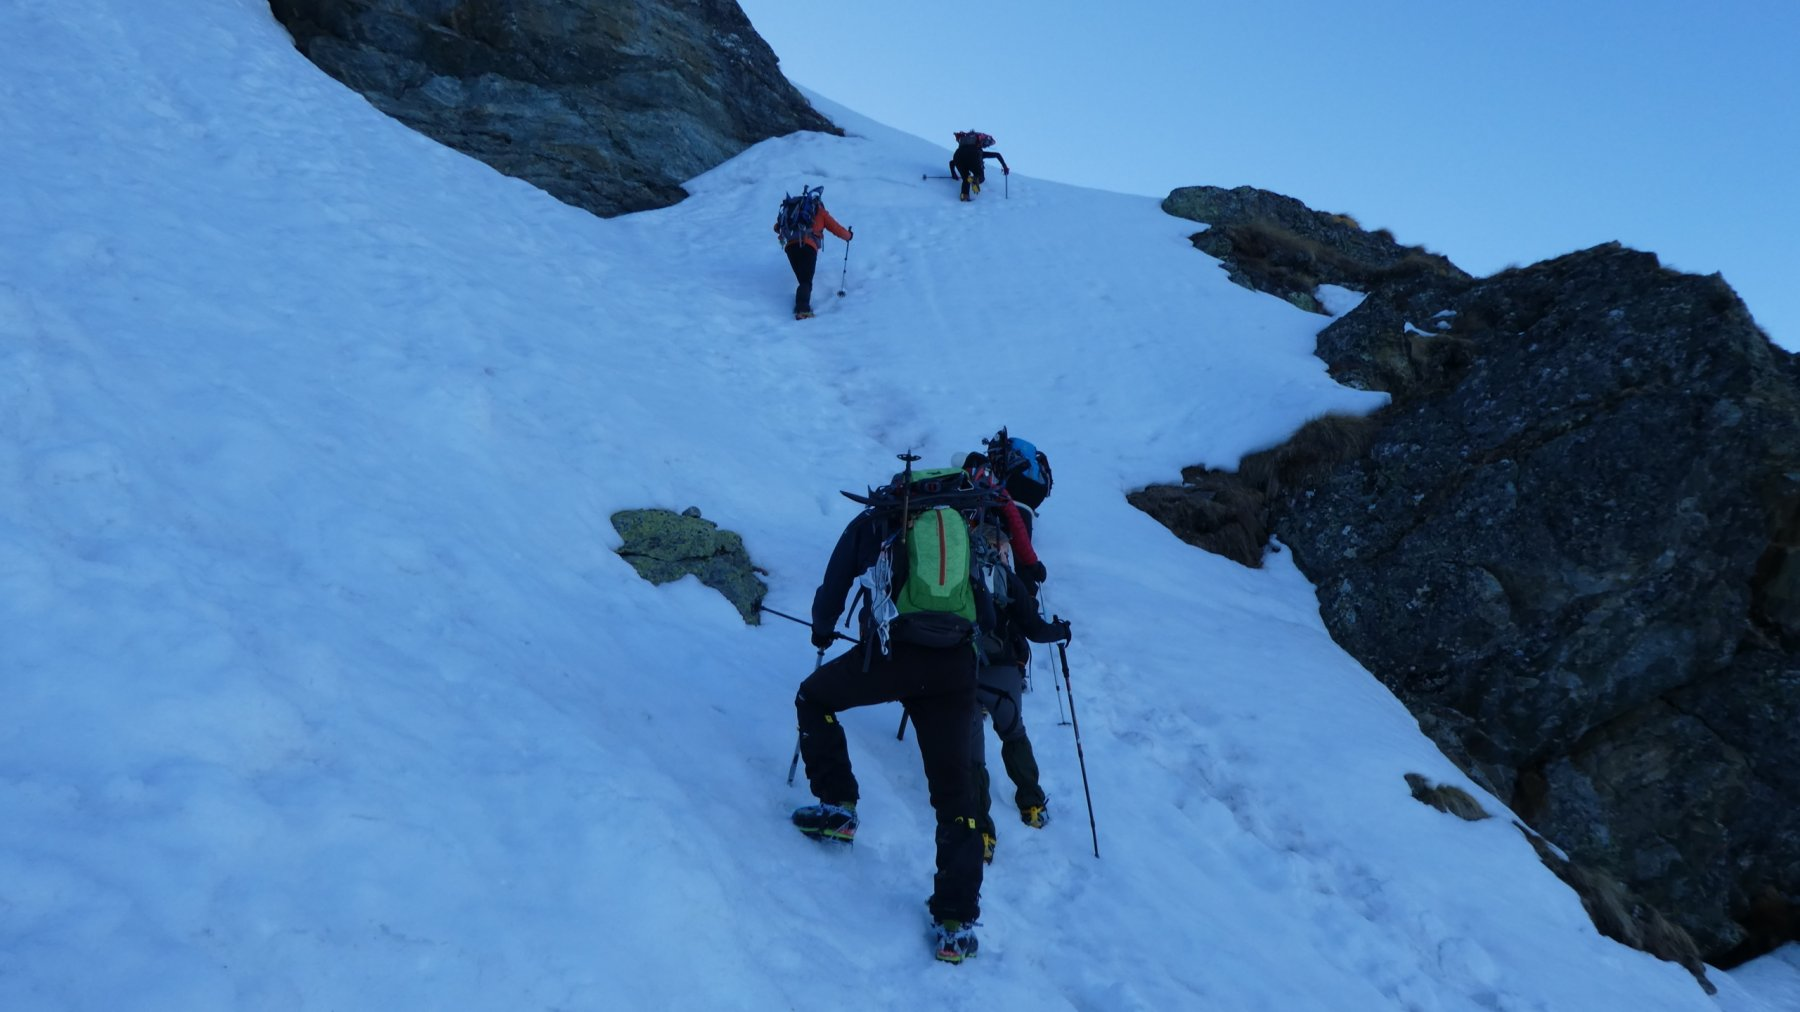 salendo il ripido canalino della quota 2480 m (passo chiave della salita)